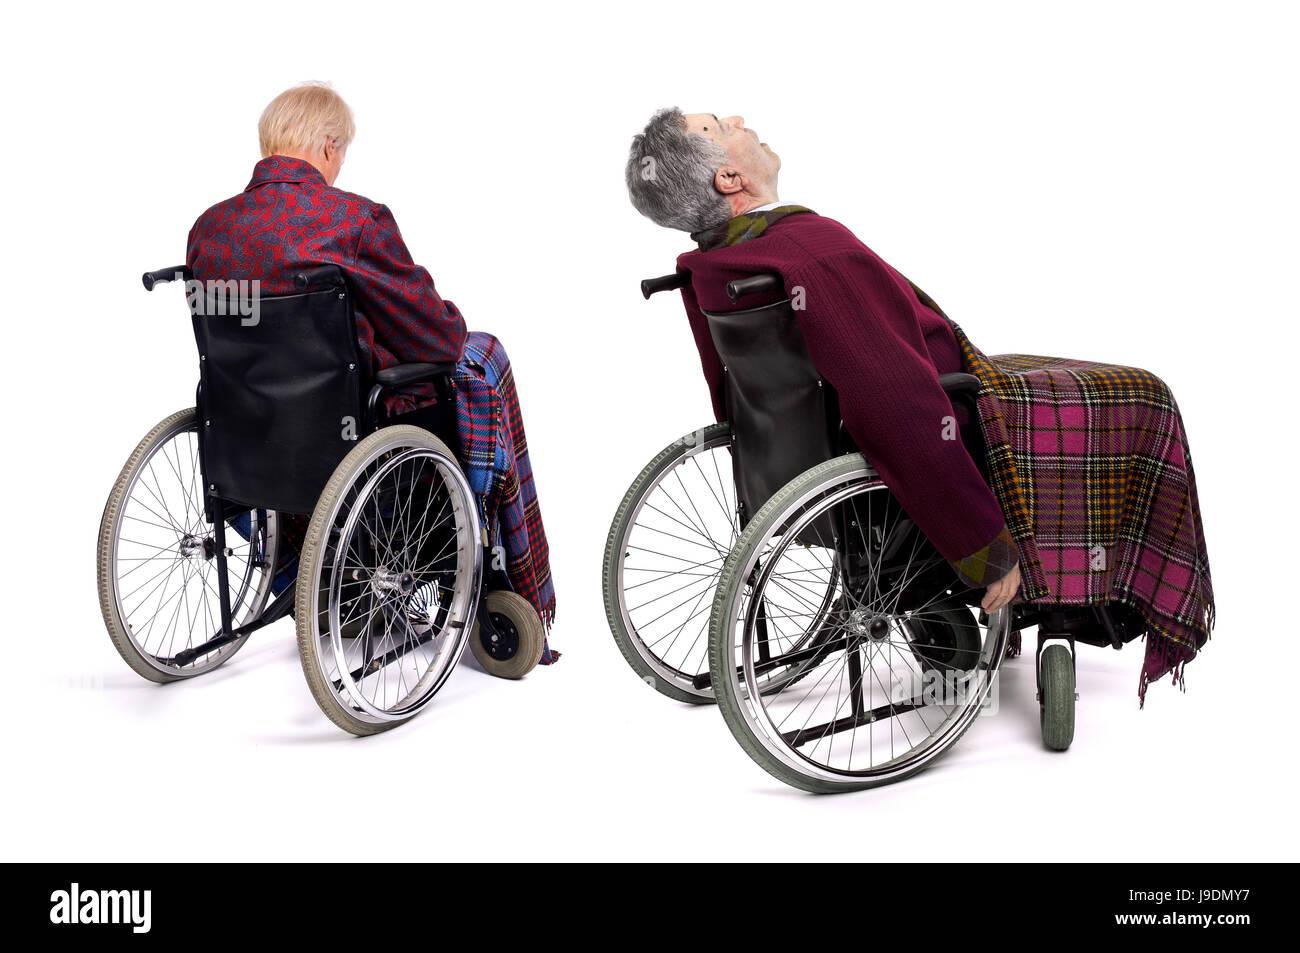 wheelchair, blank, european, caucasian, disabled, disability, chair ...